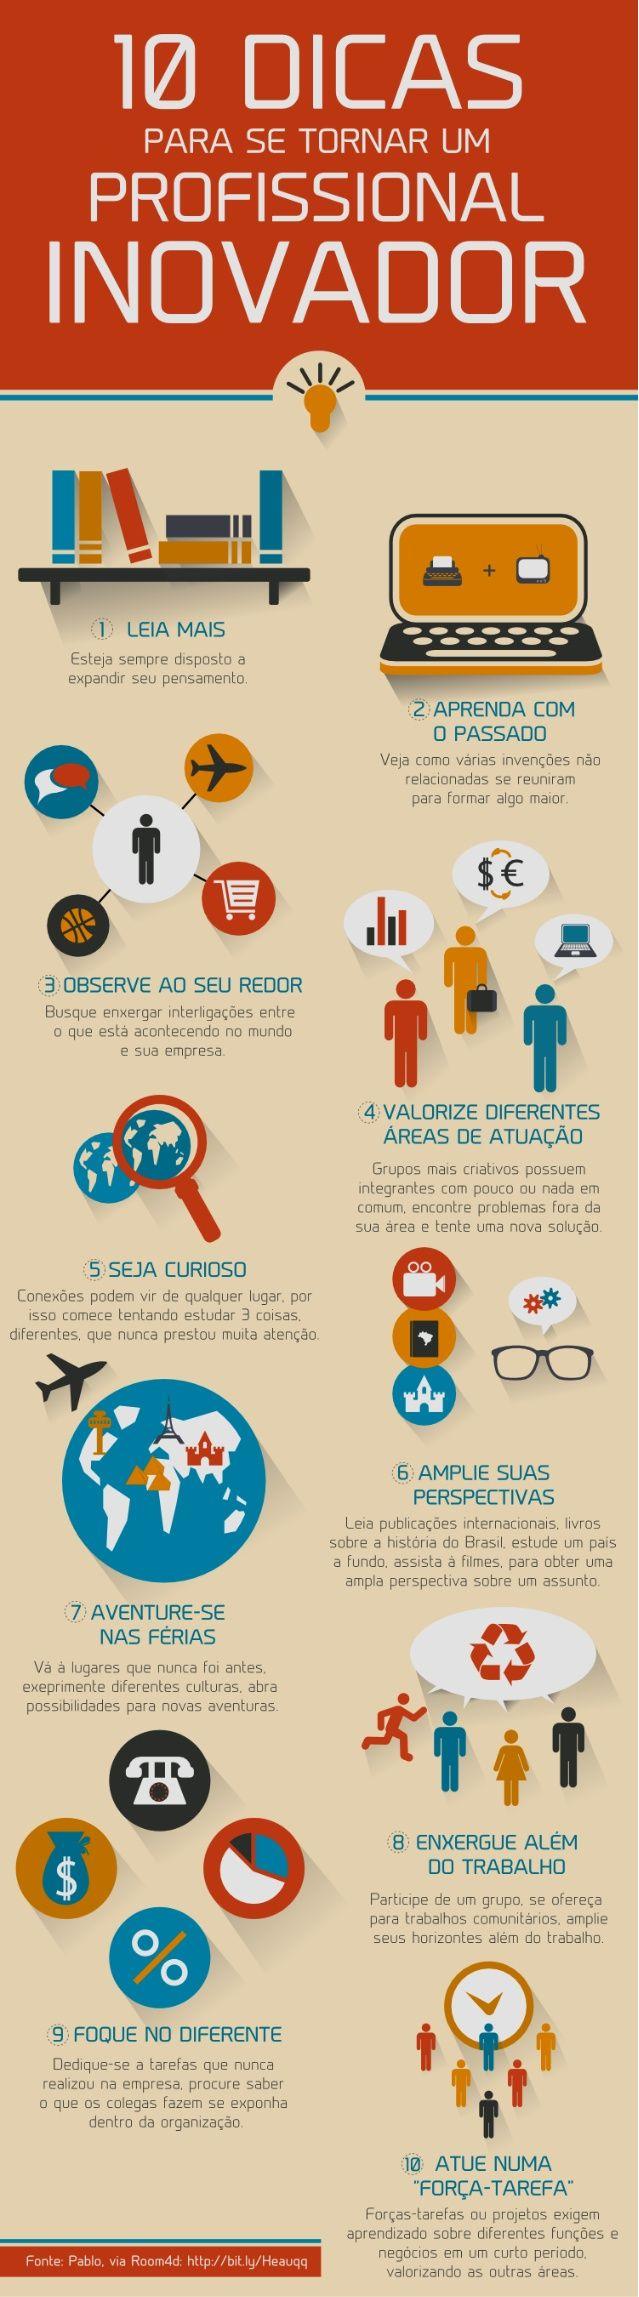 10 dicas para se tornar um profissional inovador.